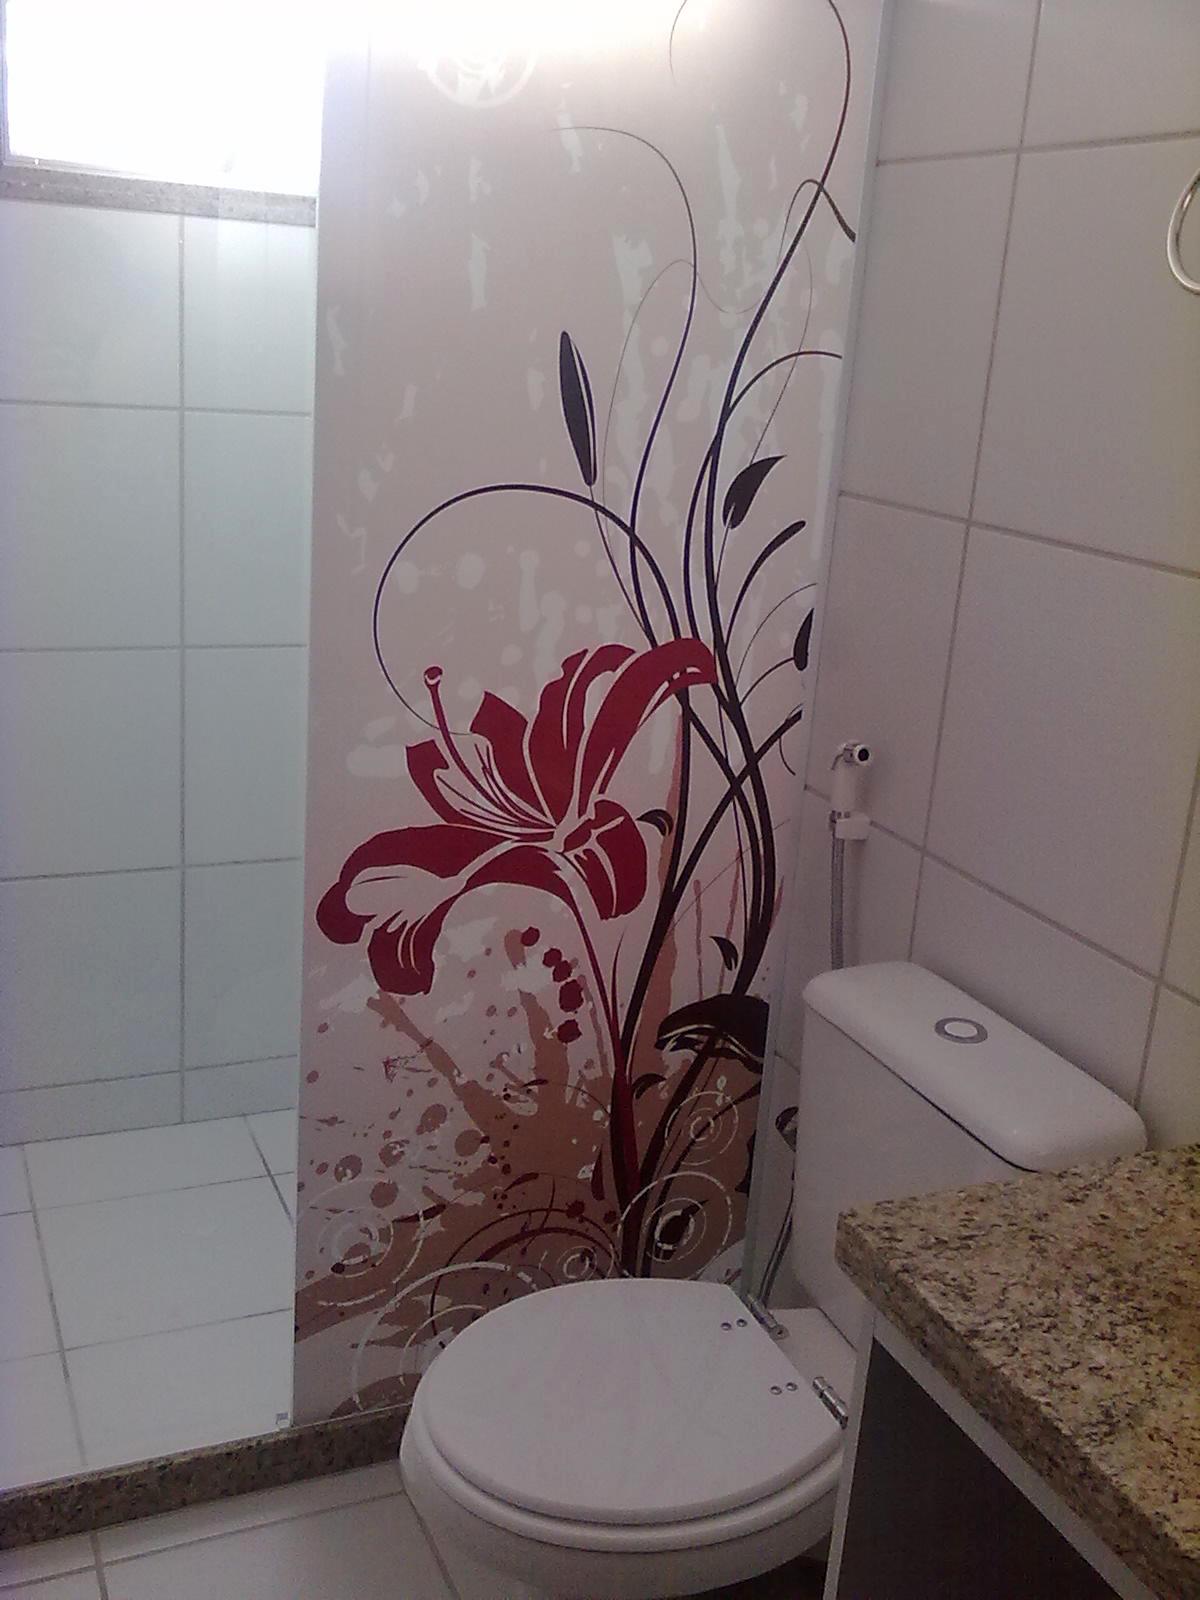 Imagens de #392626  Vitória Serra ES Adesivos Placas Envelopamento Capachos 1200x1600 px 2838 Box Banheiro Laranjeiras Serra Es